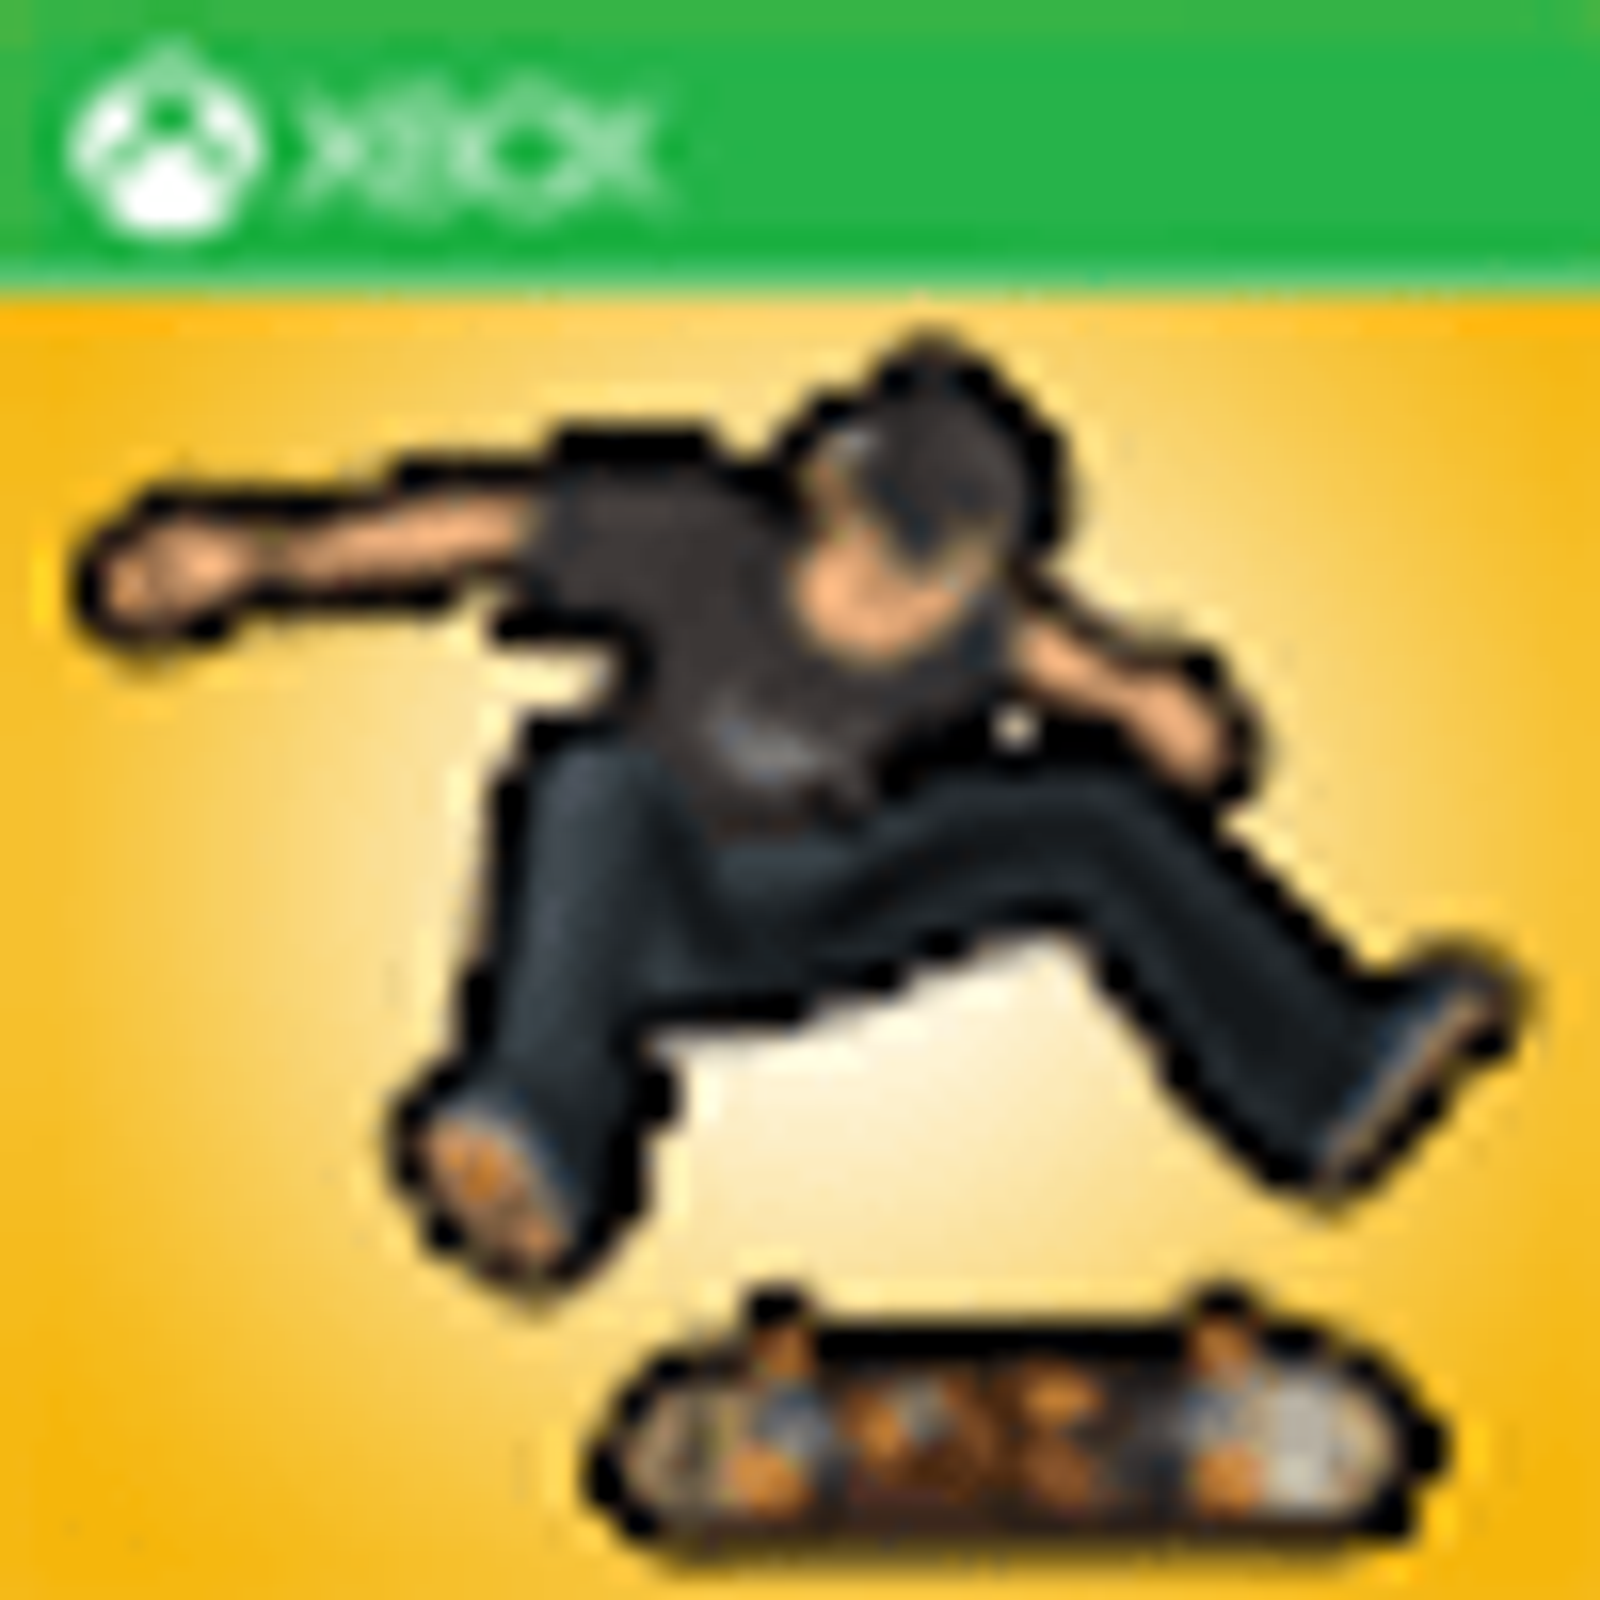 Endless Skater pour Windows 10